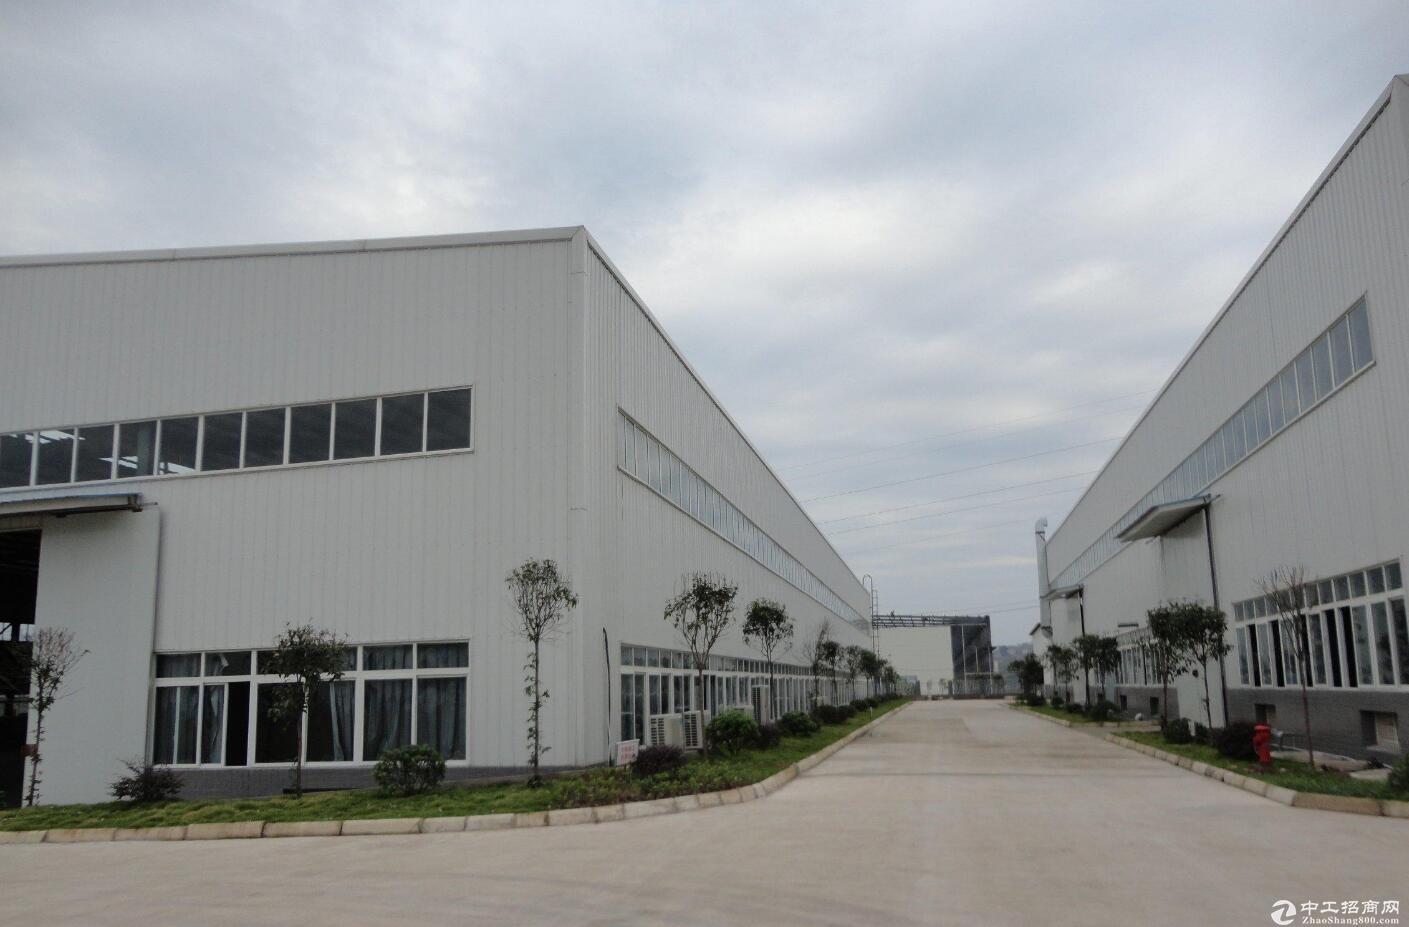 渝北周边 机场50公里 占地63亩1万平米 厂房